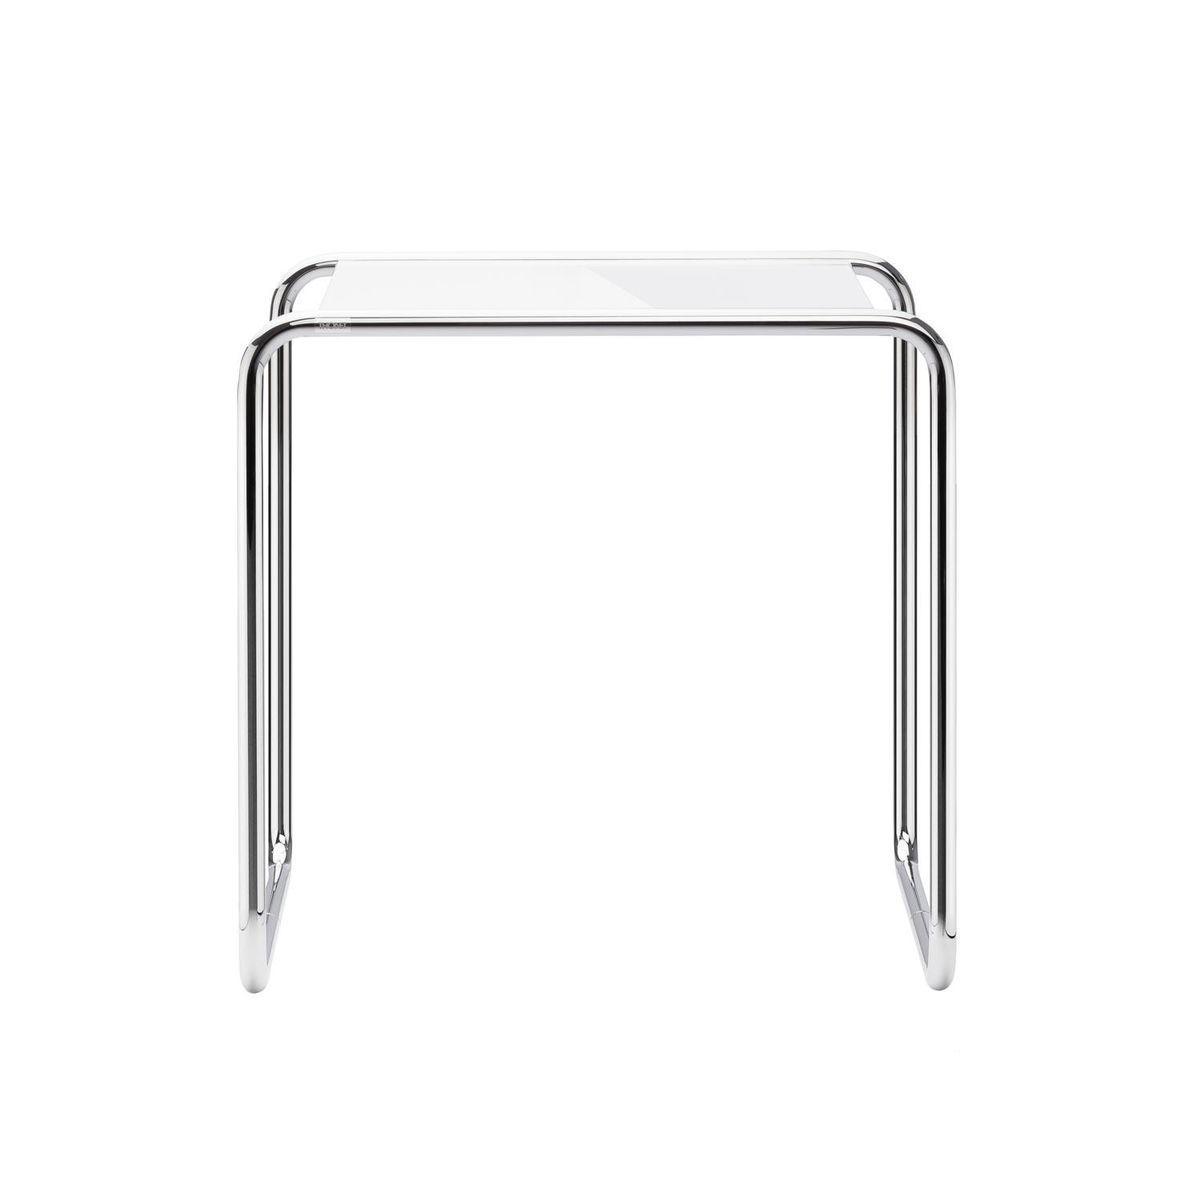 Beistelltisch glas chrom  Thonet B9 Beistelltisch Glas | Thonet | AmbienteDirect.com